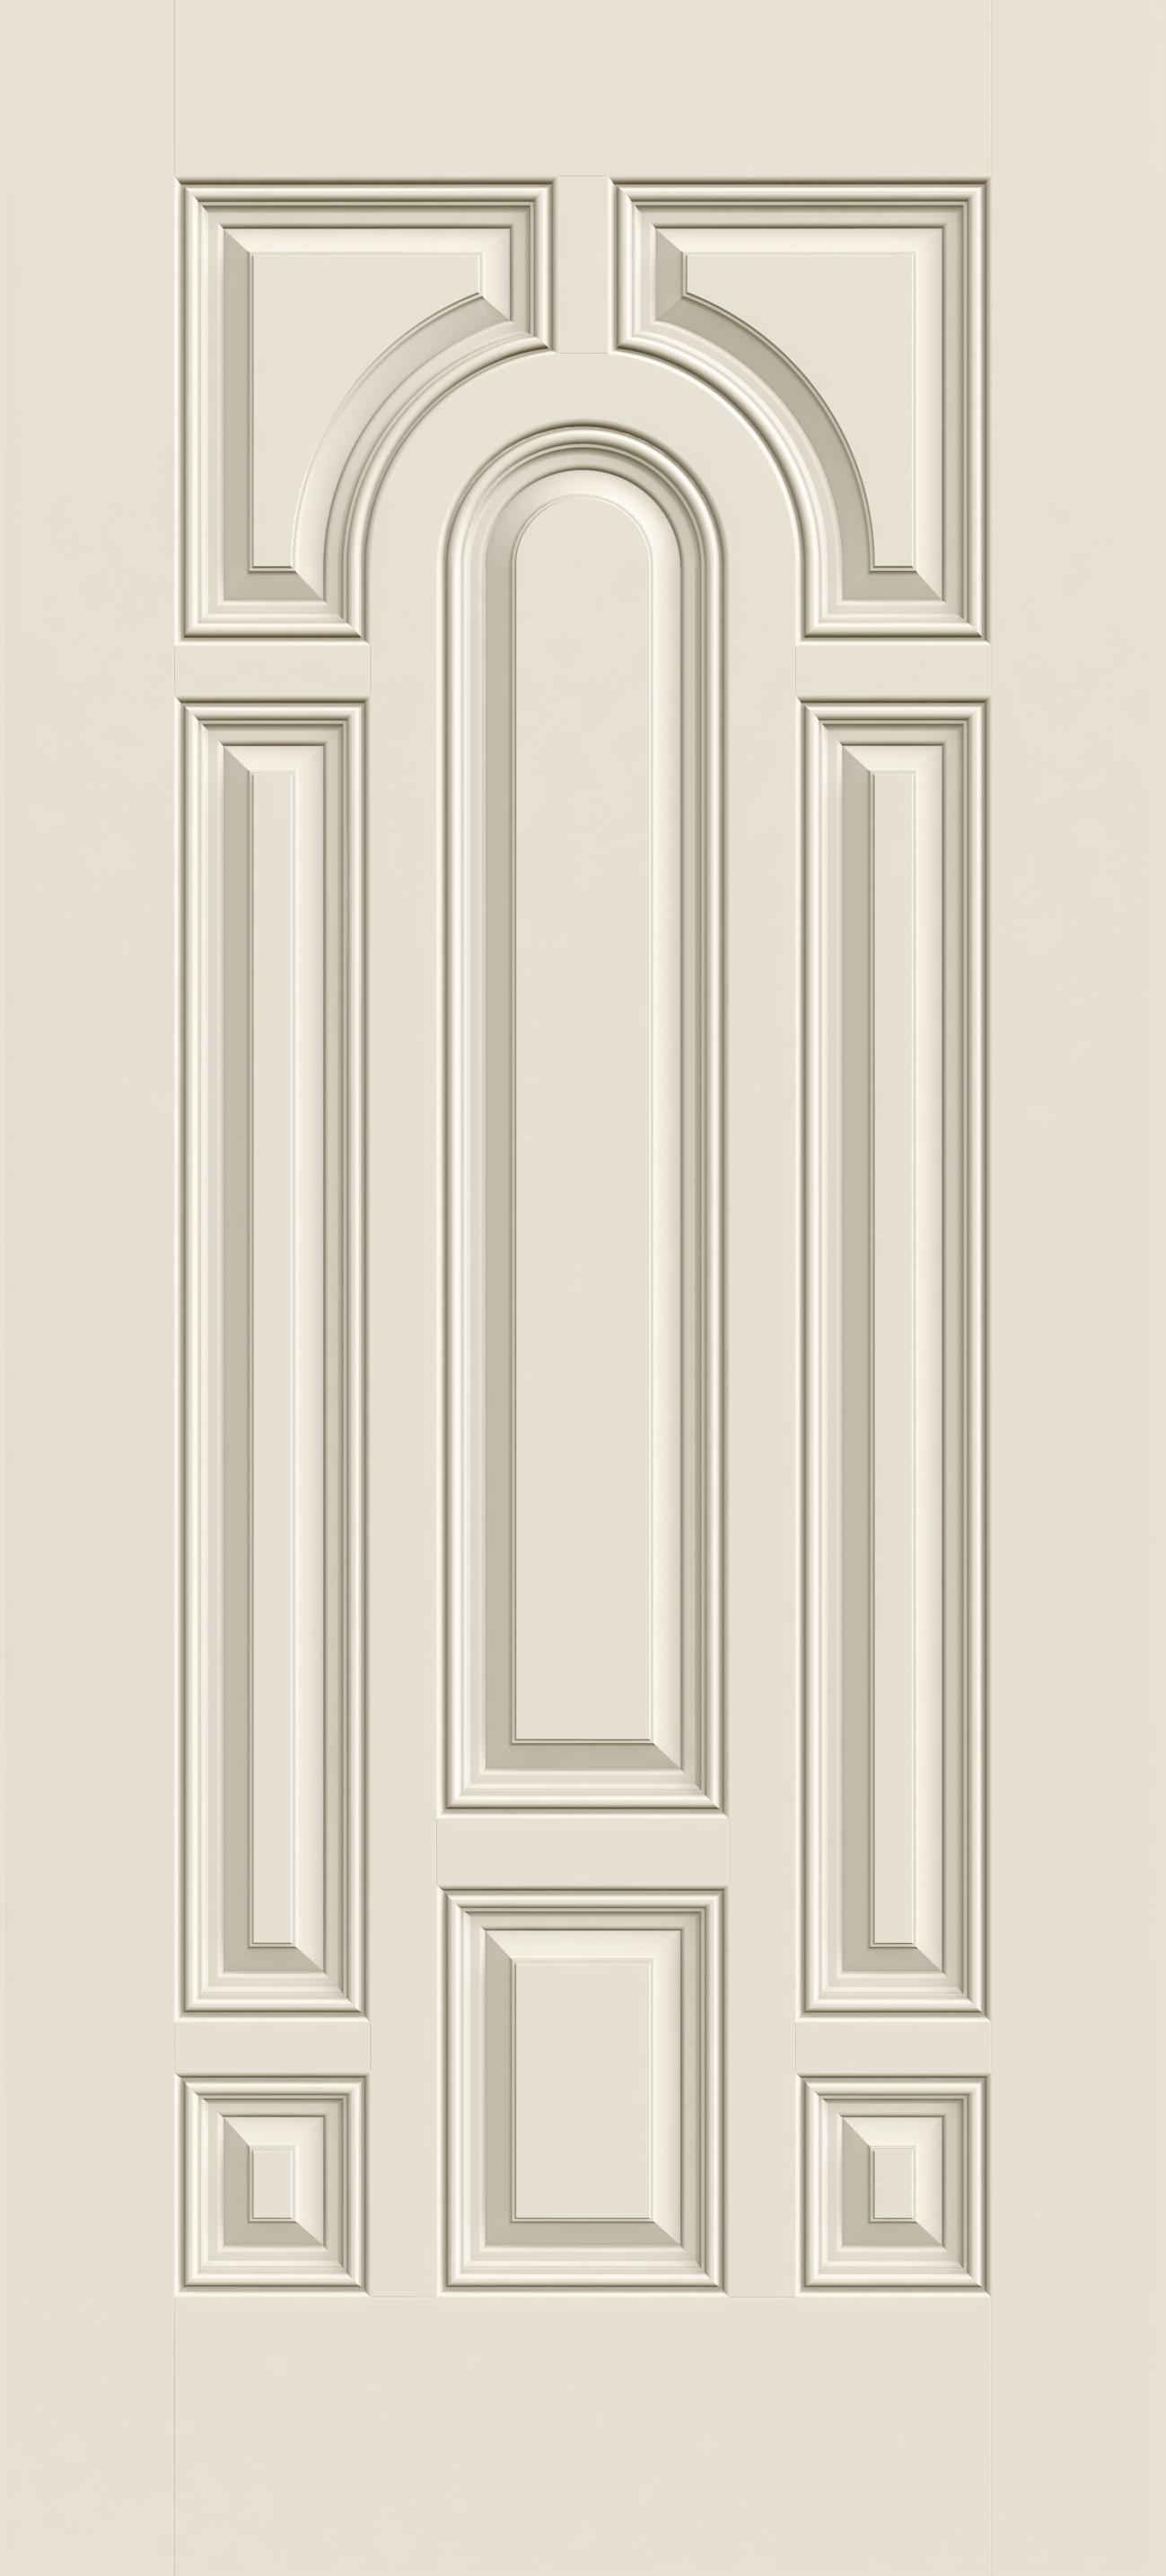 Smooth Pro Fibergl All Panel Exterior Door Jeld Wen Windows Doors